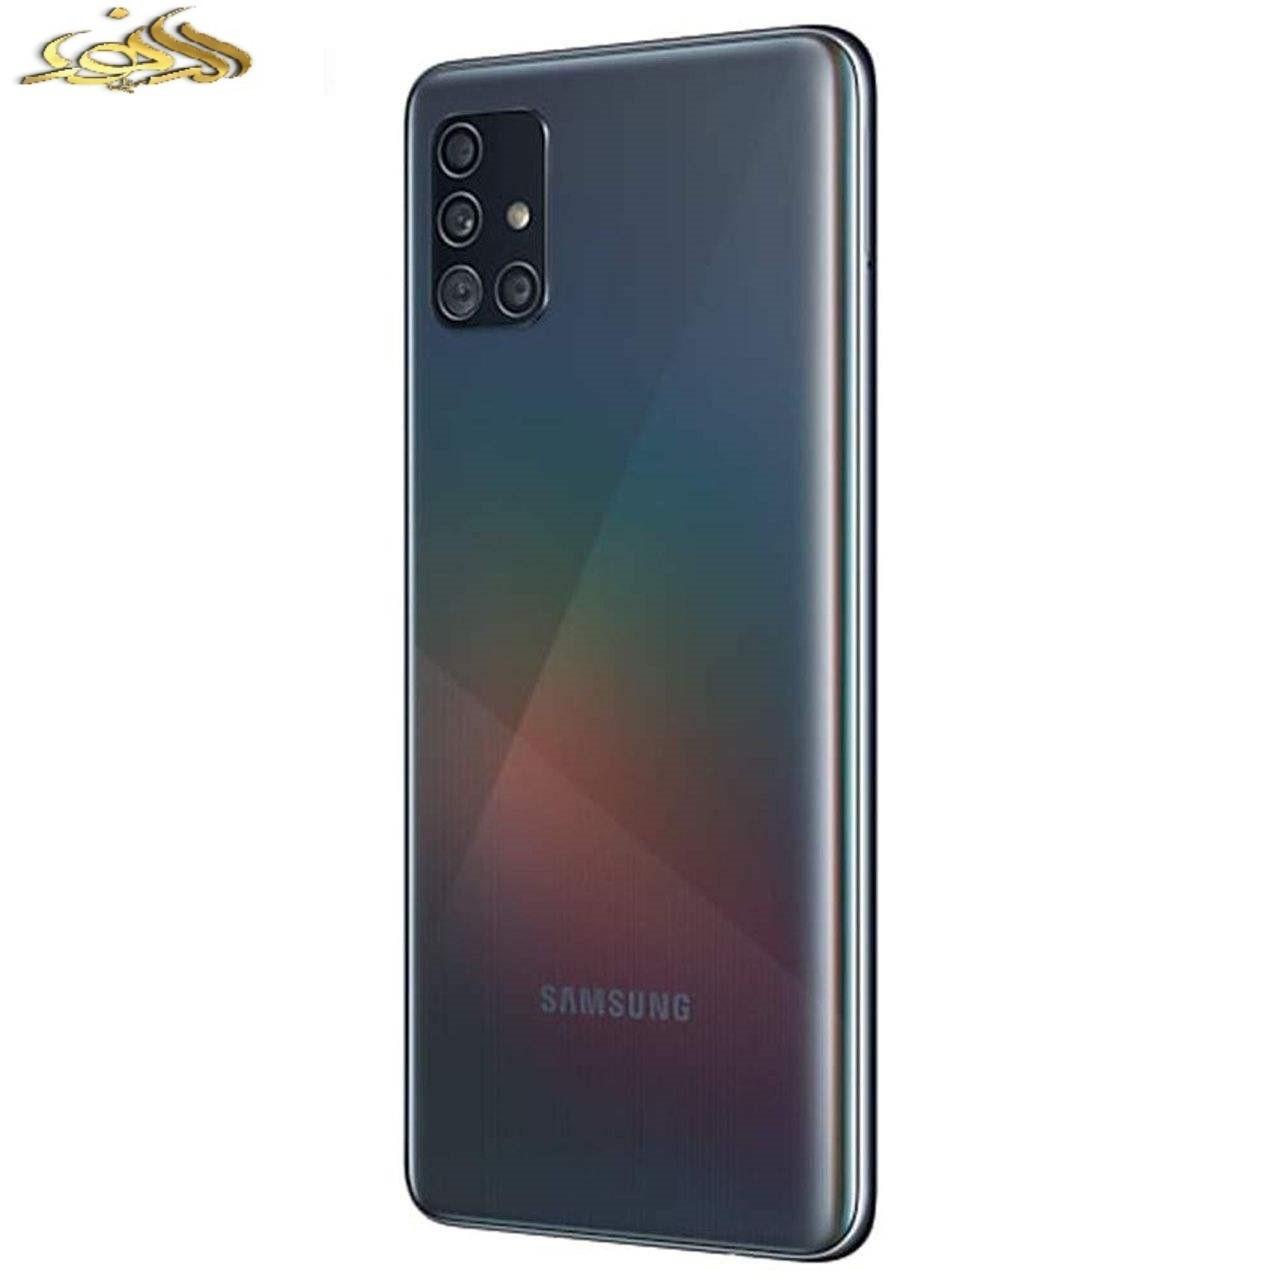 گوشی موبایل سامسونگ مدل Galaxy A51 SM-A515F/DSN دو سیم کارت ظرفیت 128گیگابایت و رم 8 گیگابایت